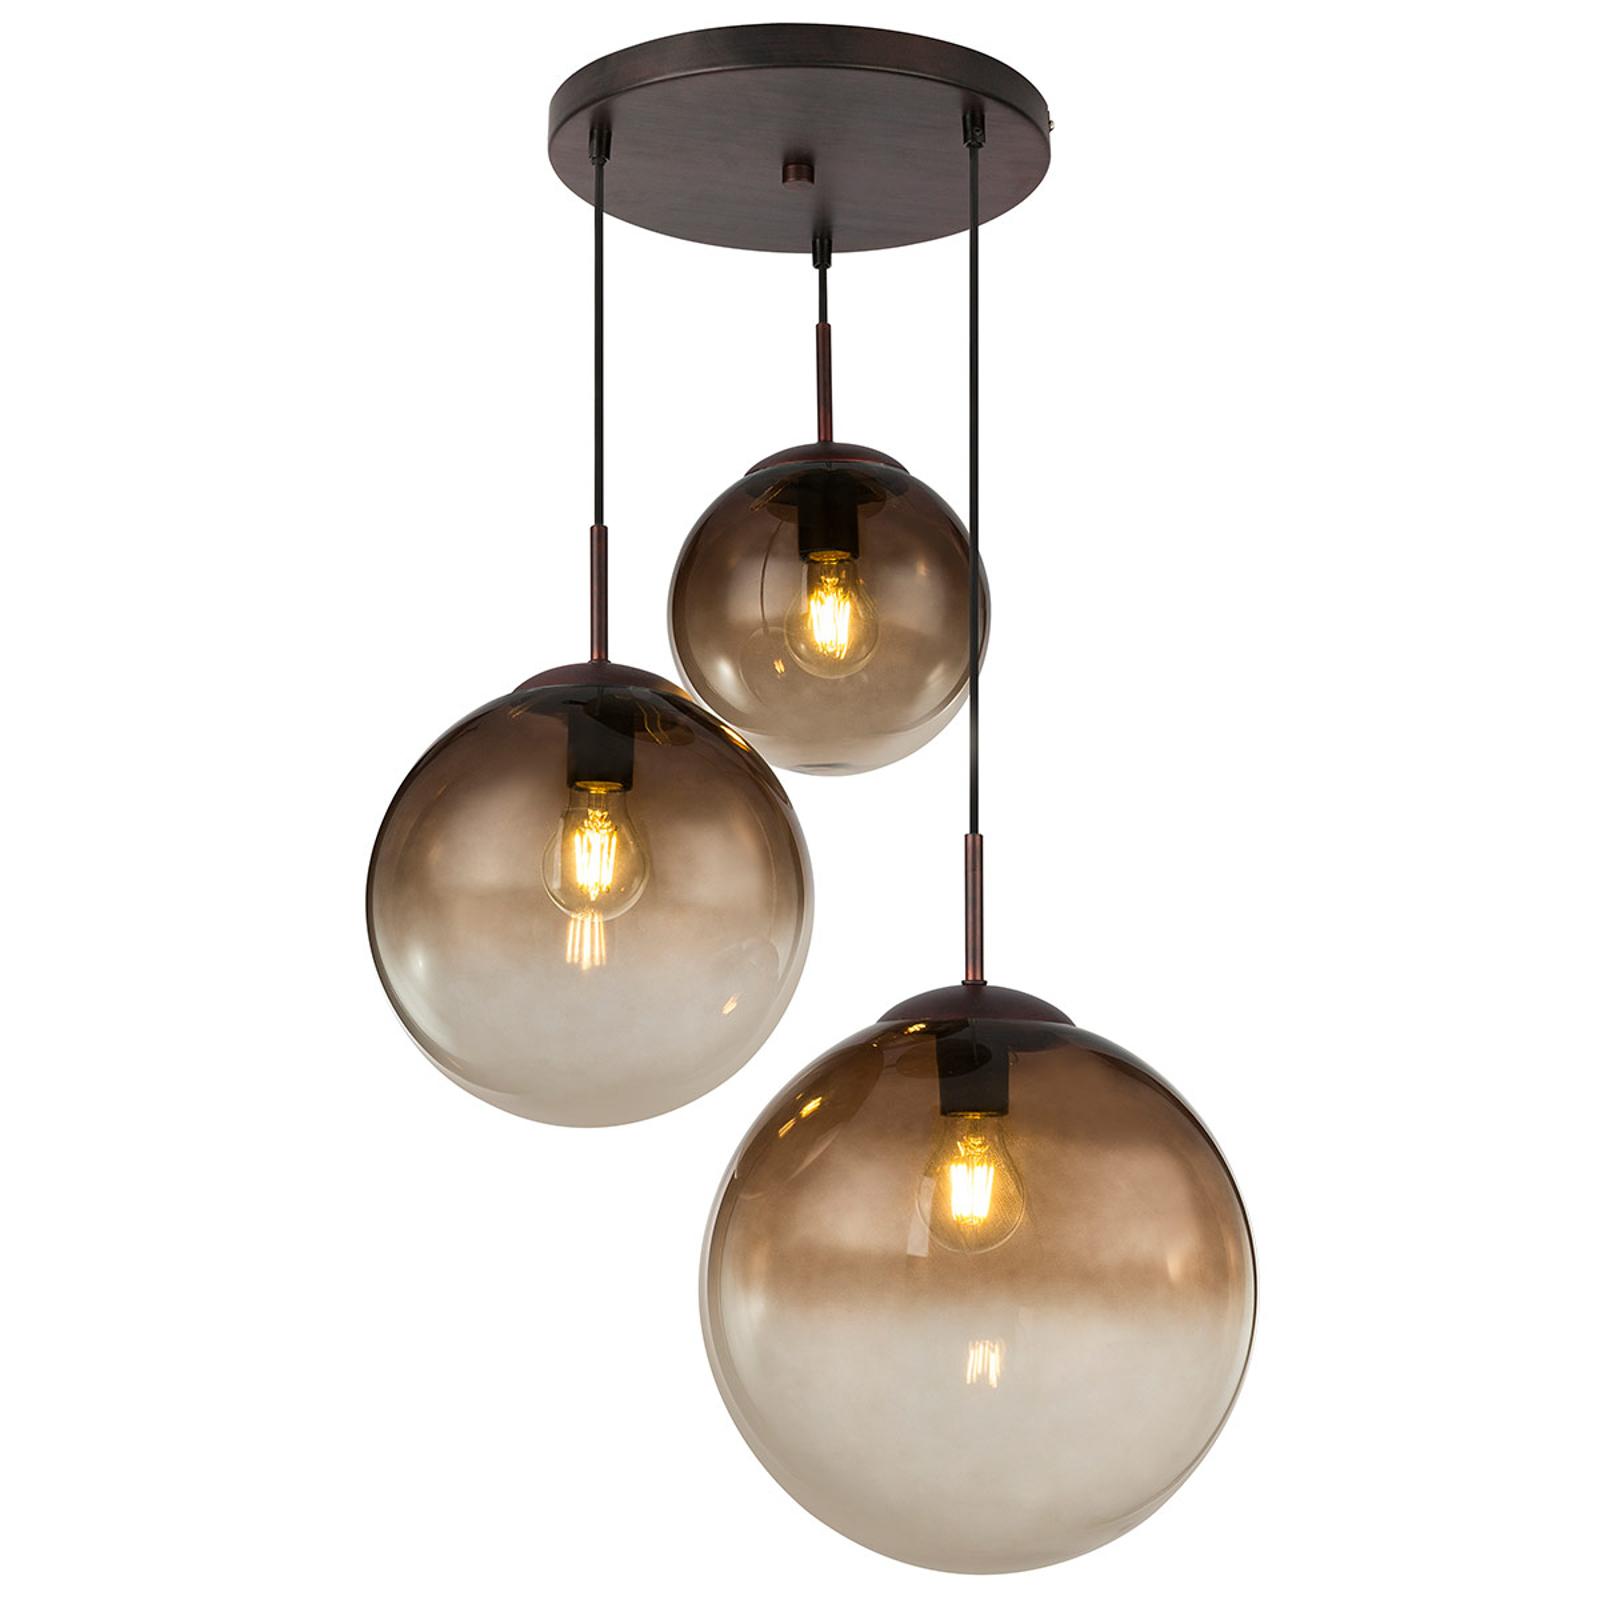 Varus glasshengelampe i rav, 3 lyskilder Ø 51 cm